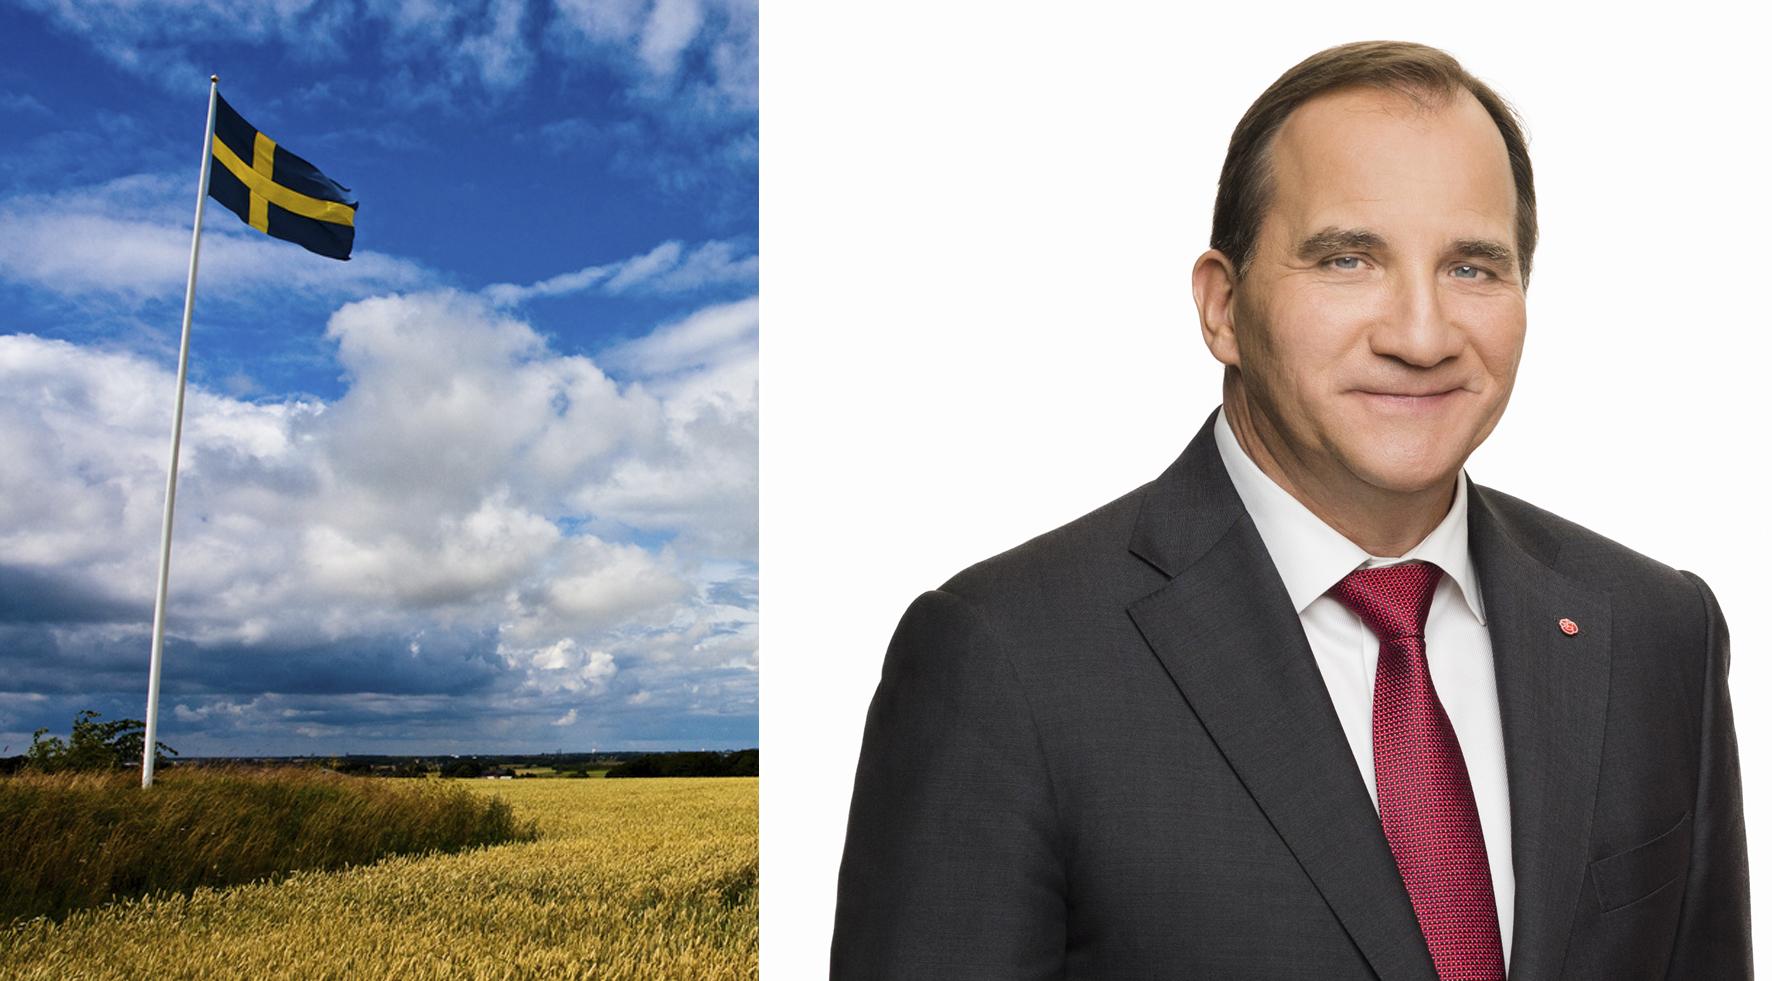 Till vänster, foto: Håkan Dahlström/Flickr. Till höger, foto: Magnus Länje, Socialdemokraterna